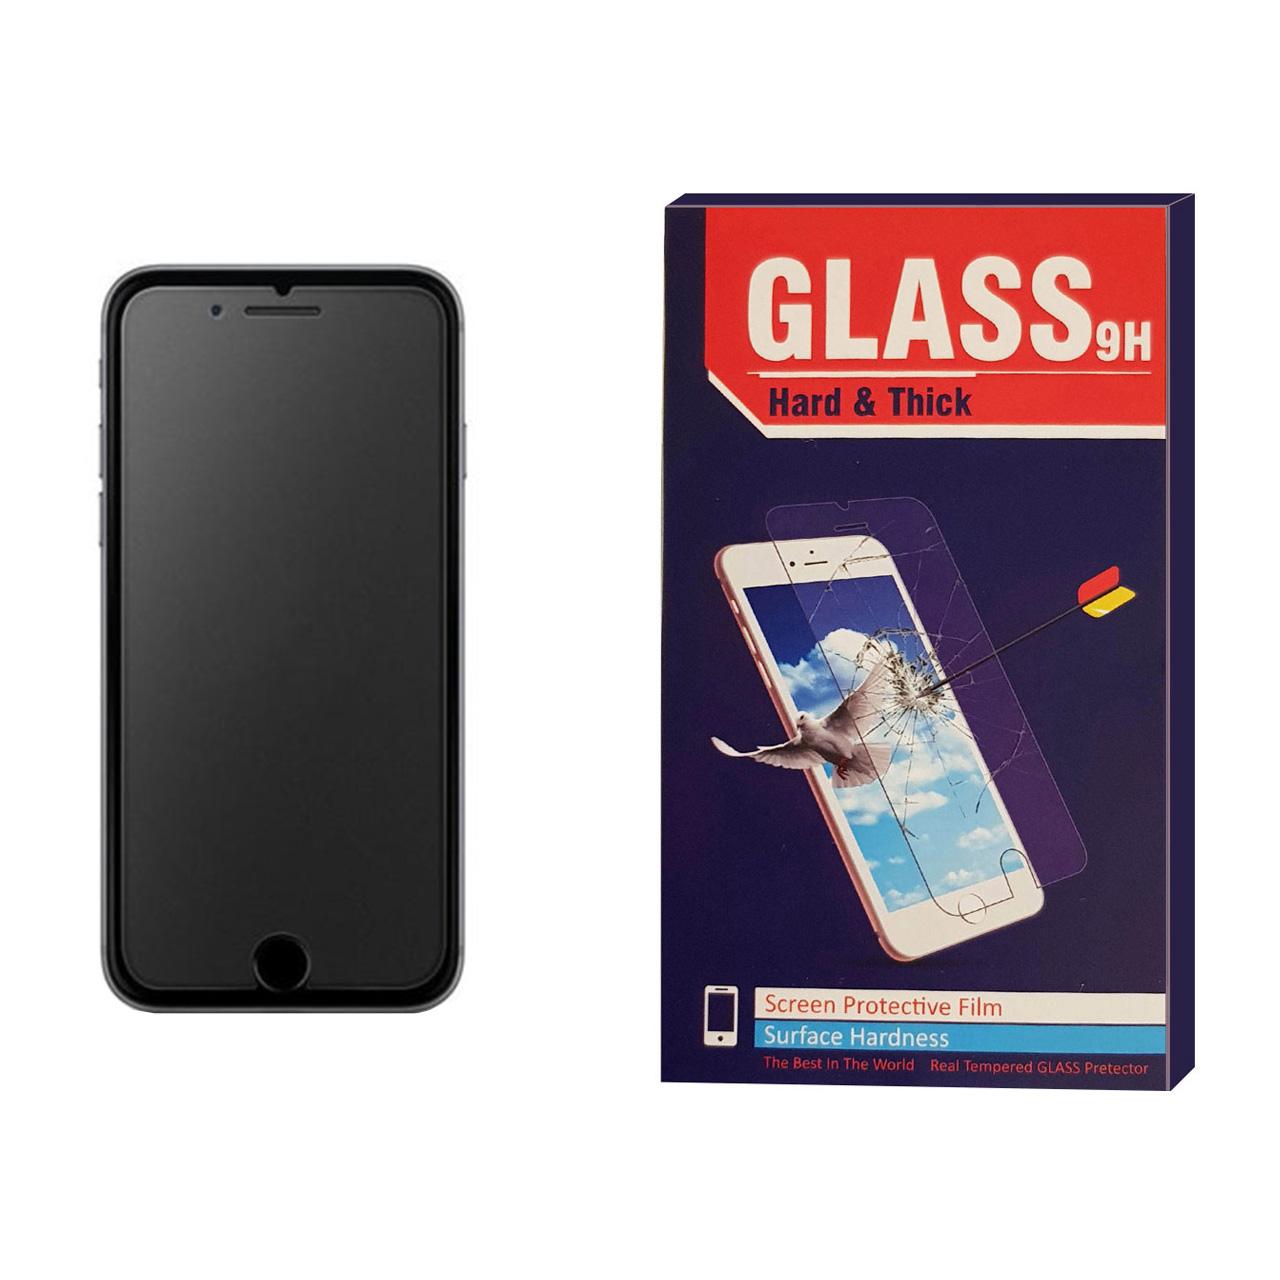 محافظ صفحه نمایش منعطف مات Hard and thick مدل F005 مناسب برای گوشی موبایل iPhone 7 PLUS / 8 PLUS